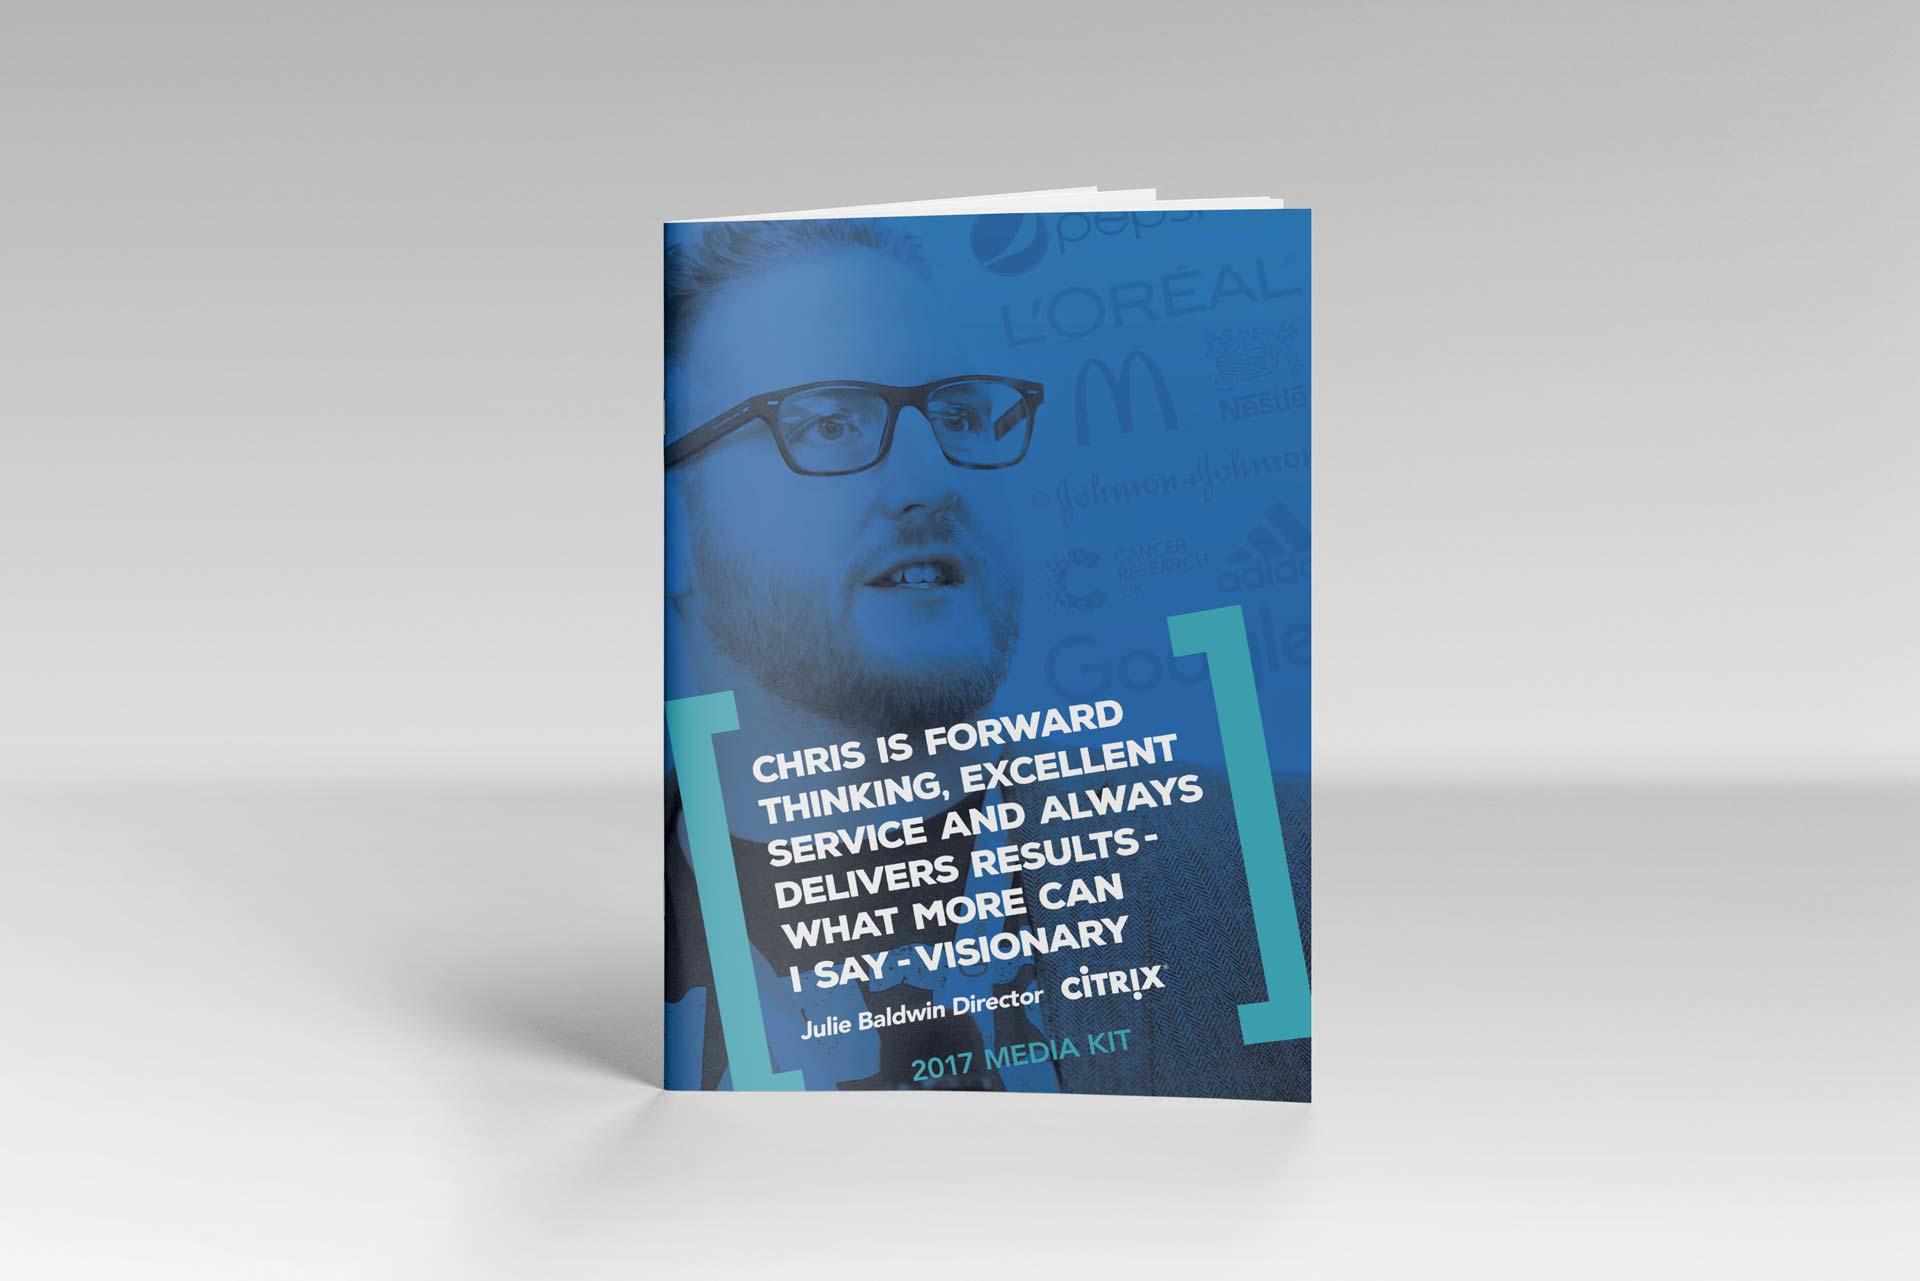 Chris Perks Press Kit Front Cover Design